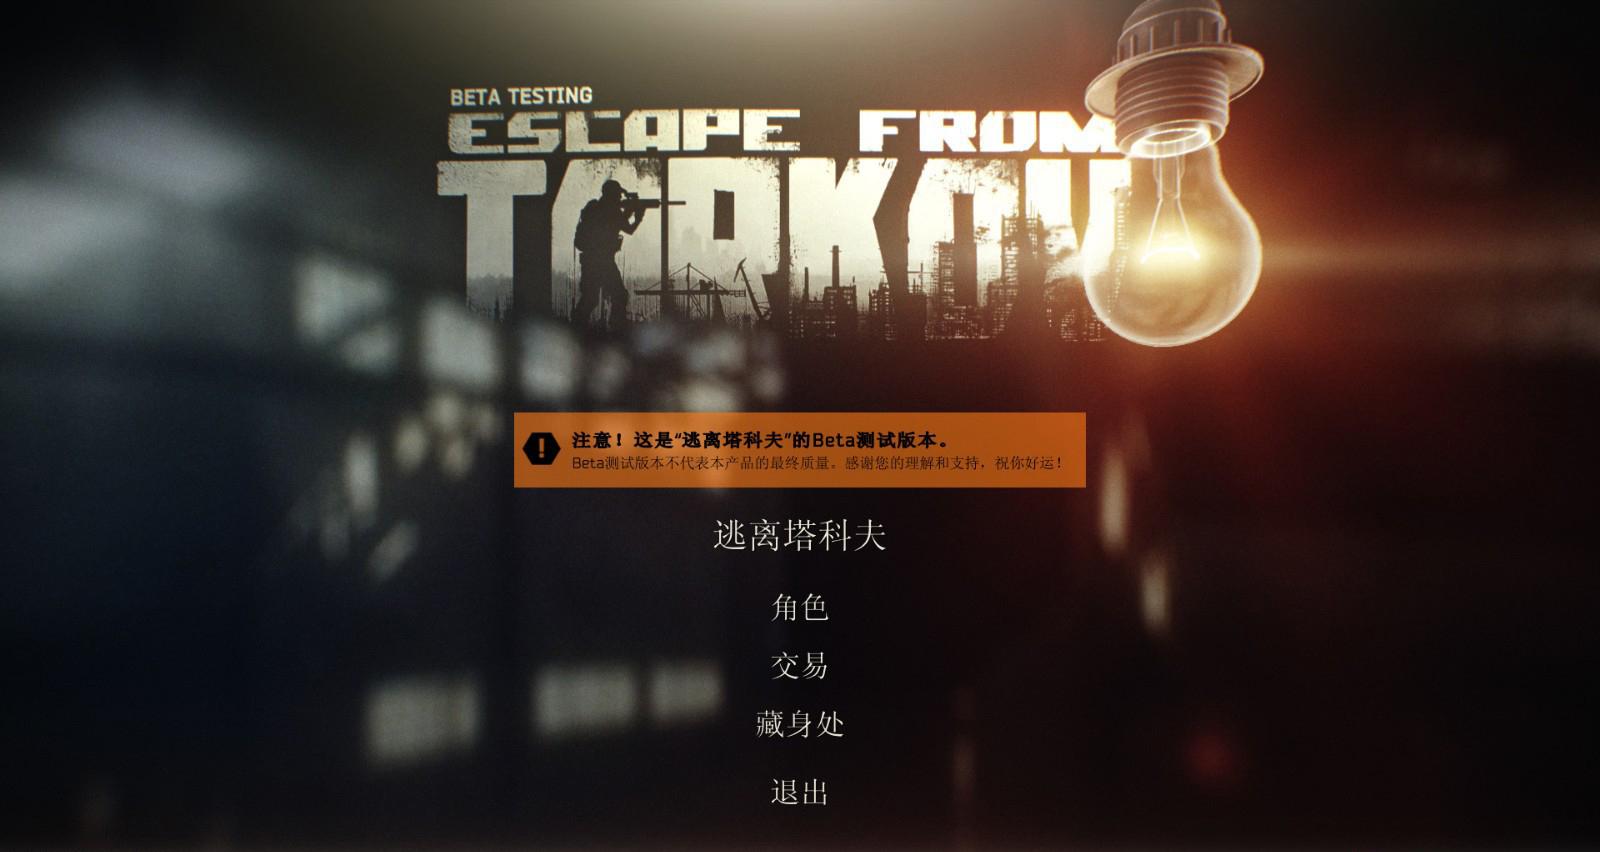 逃离塔科夫v0.12.10.2.12646 中文版